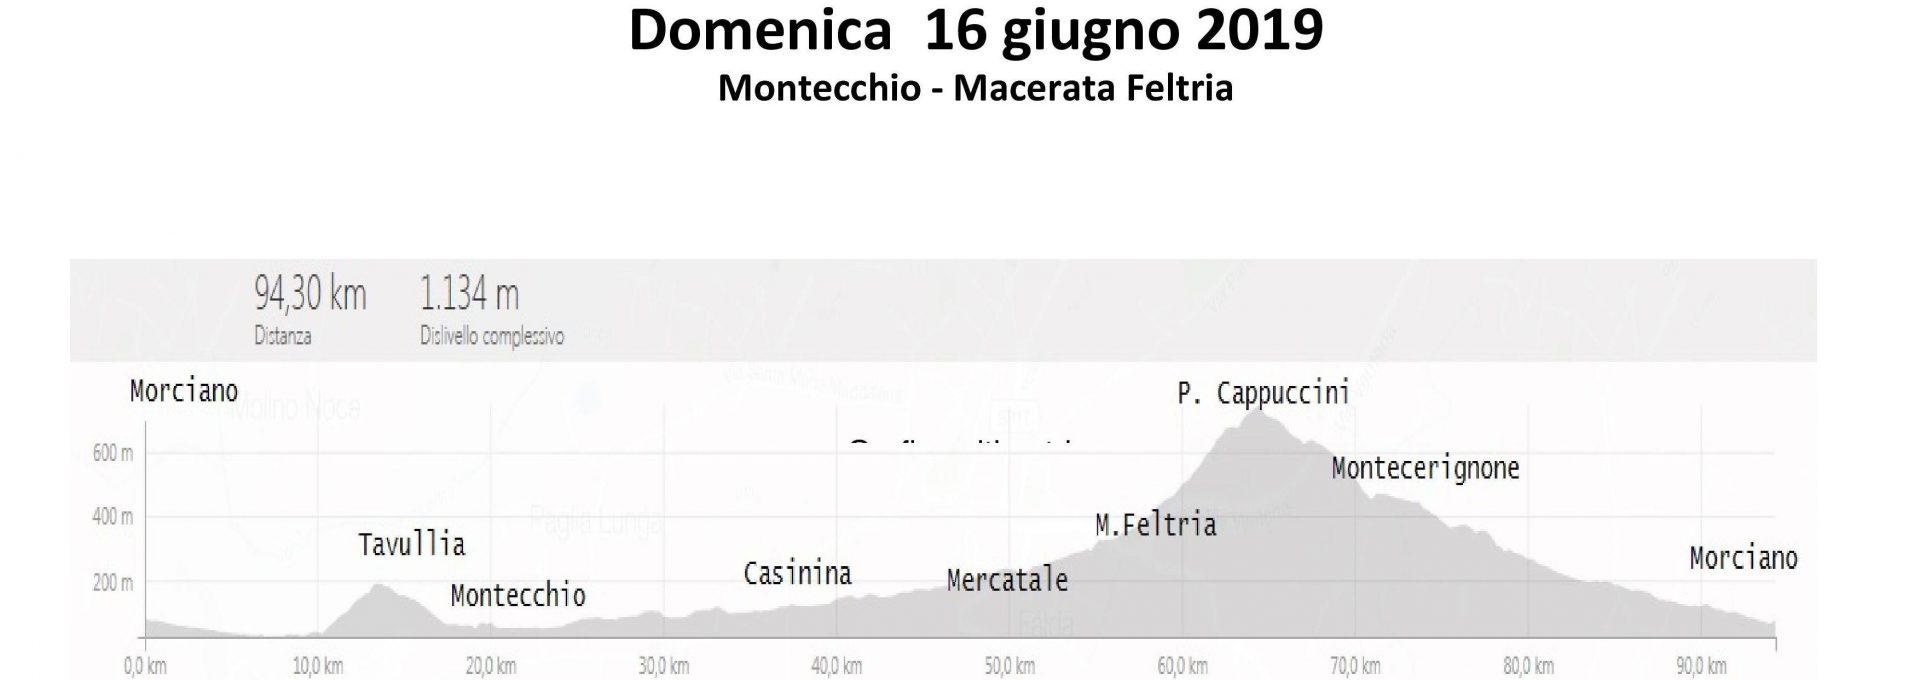 Domenica 16-giu-2019 Montecchio – Macerata Feltria